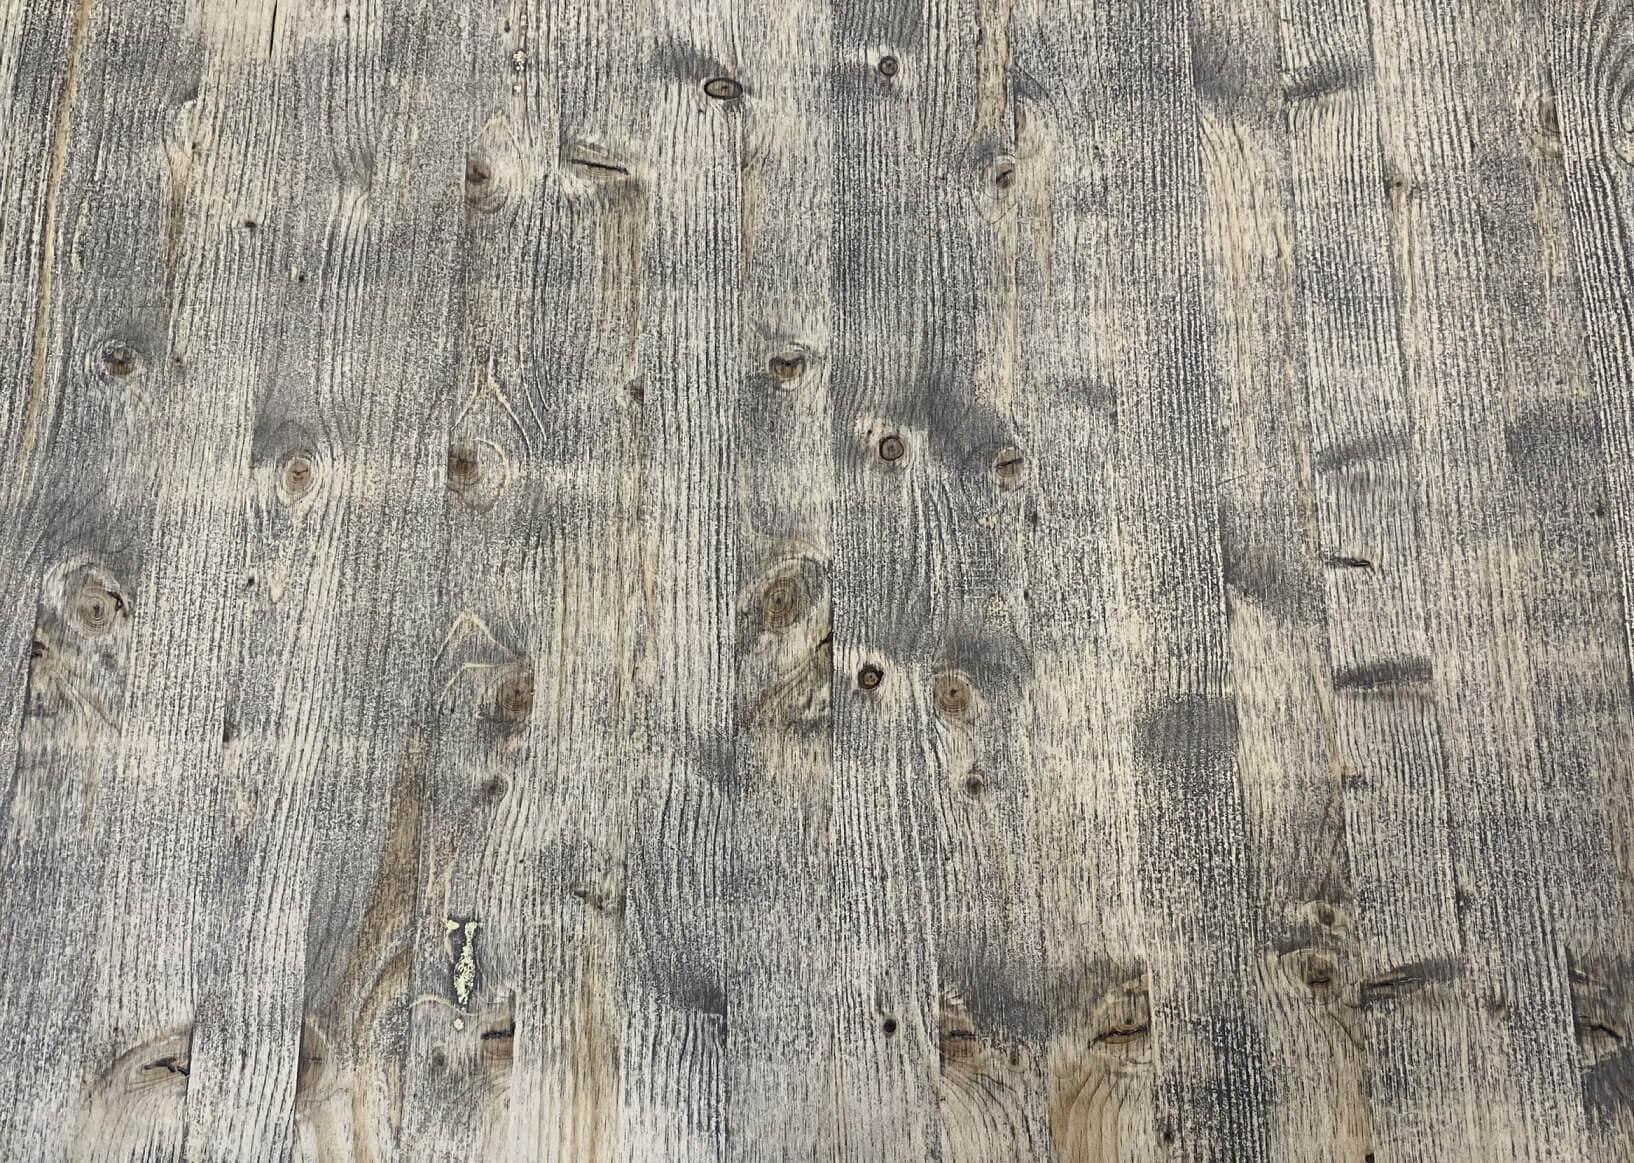 Noleggio Tavolo Rettangolare Legno Foresta Nera cm.200x120